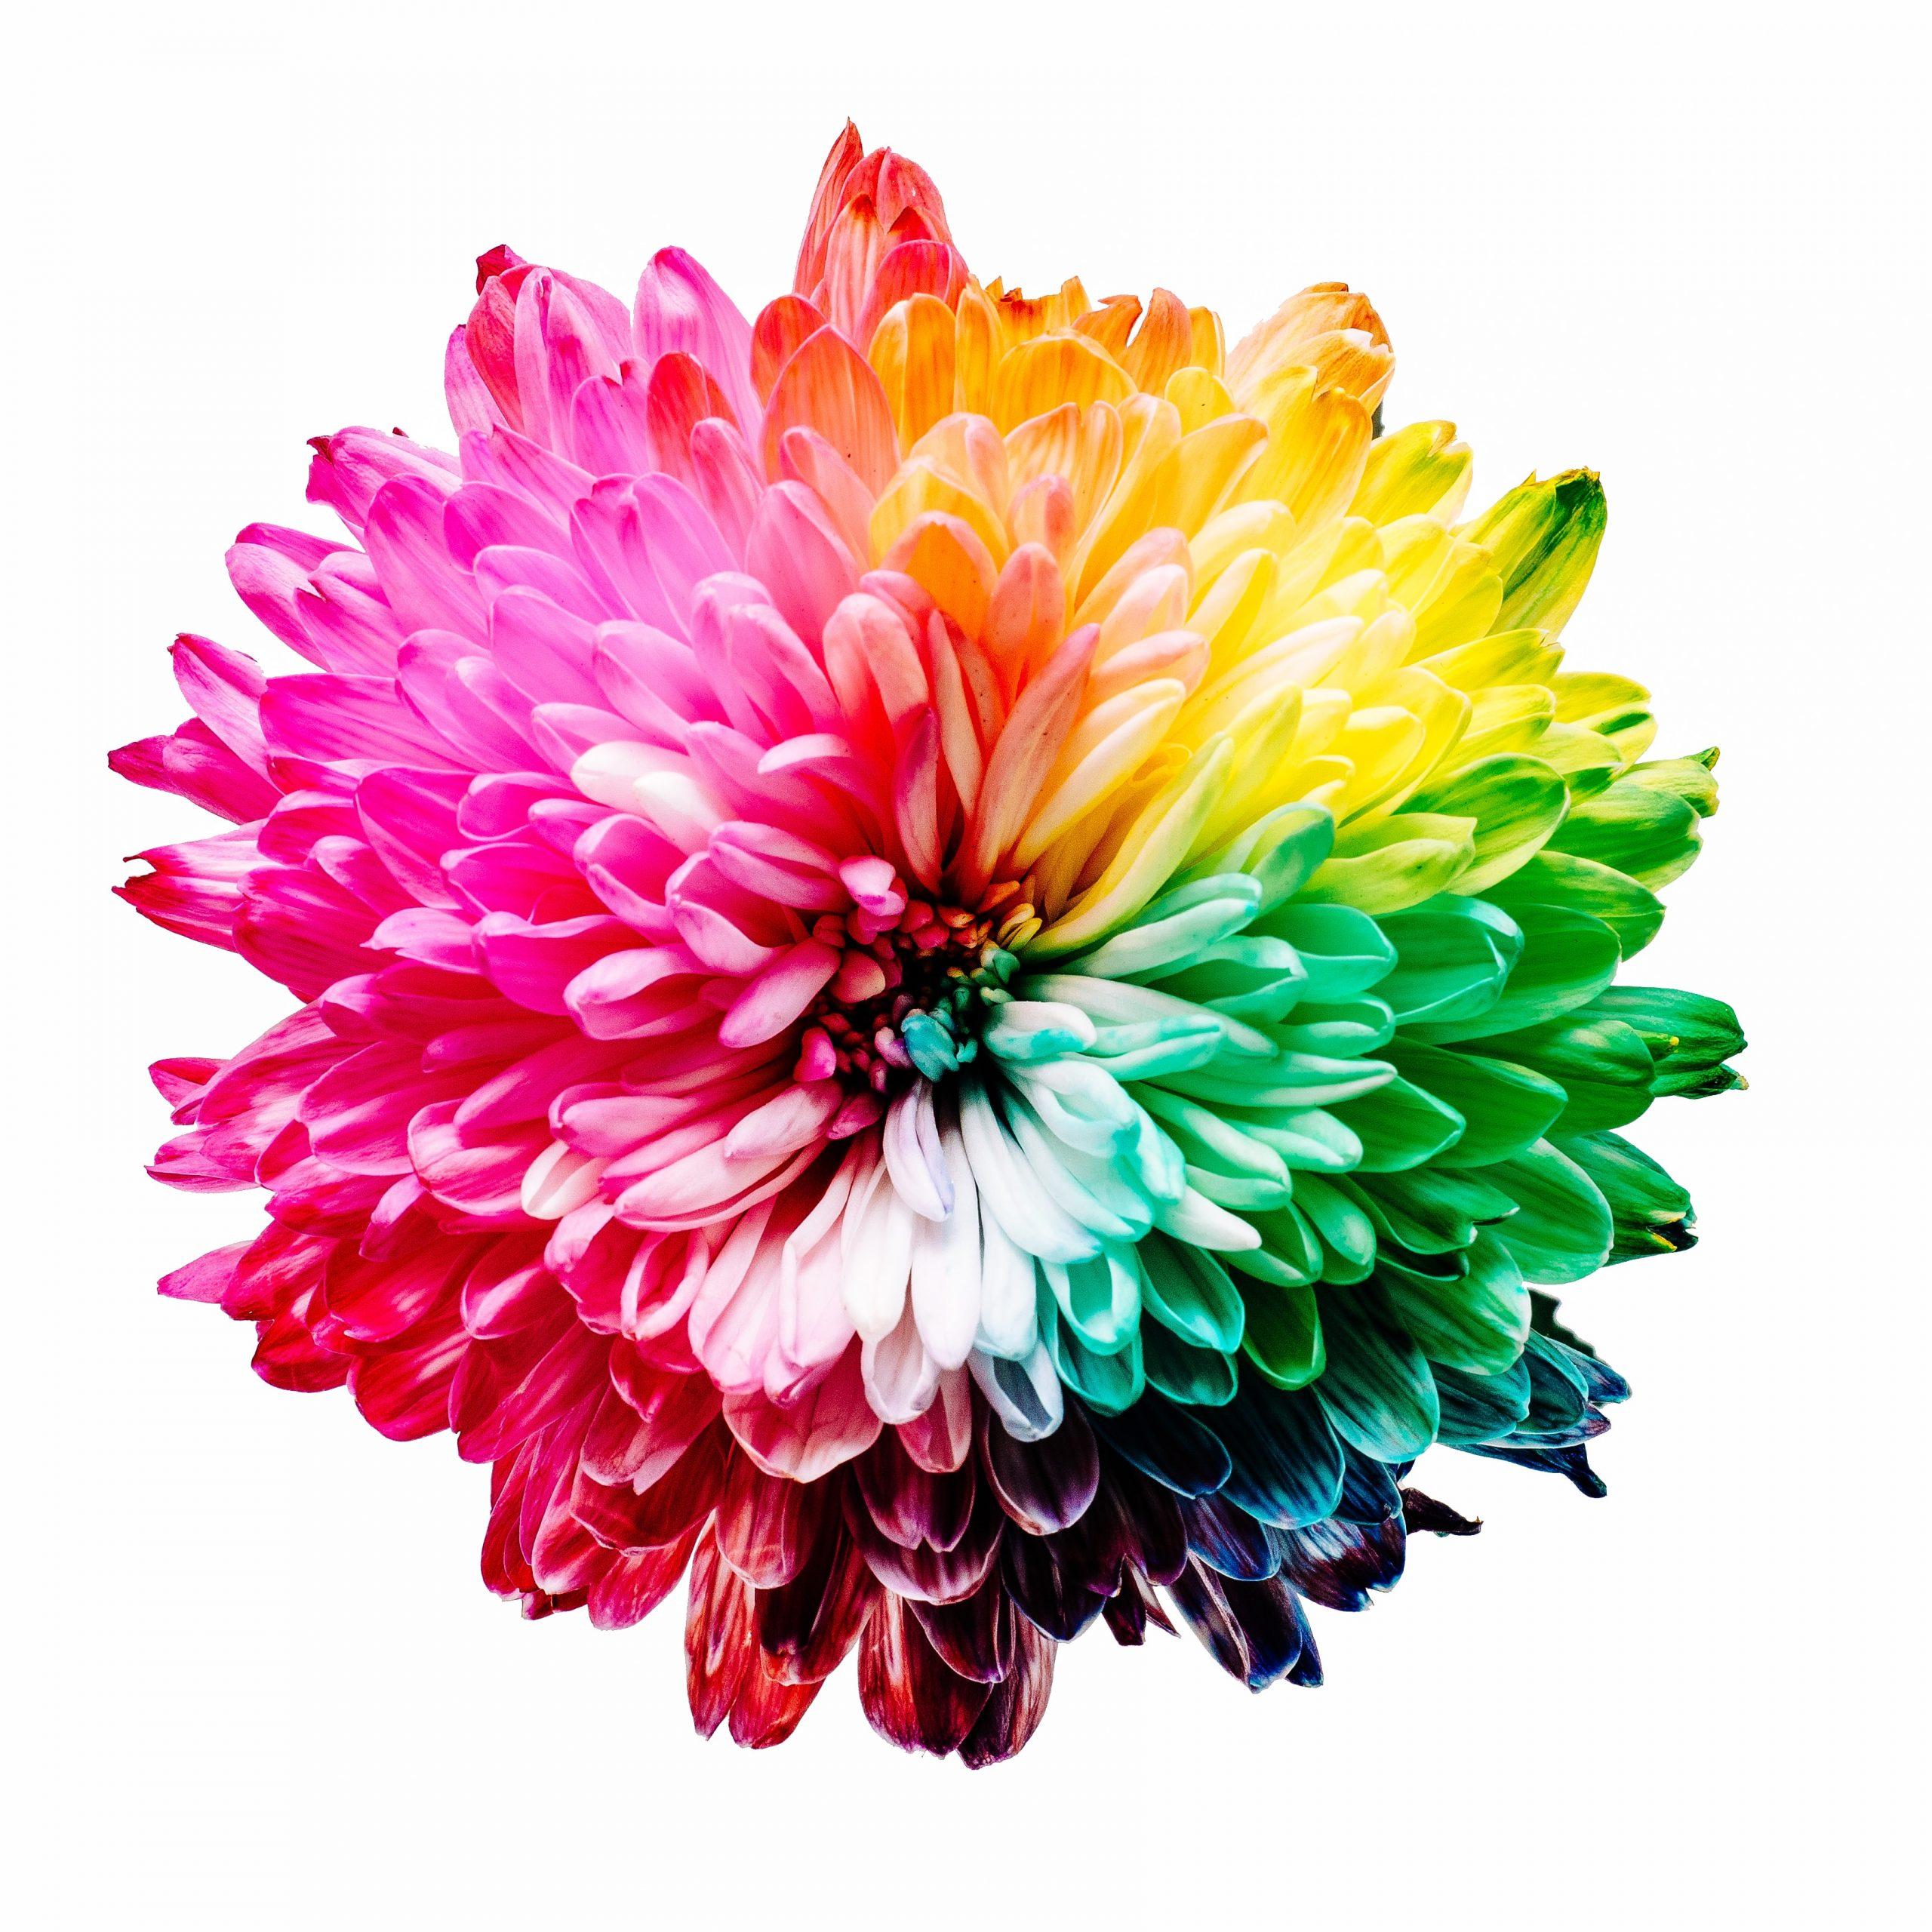 Colour psychology